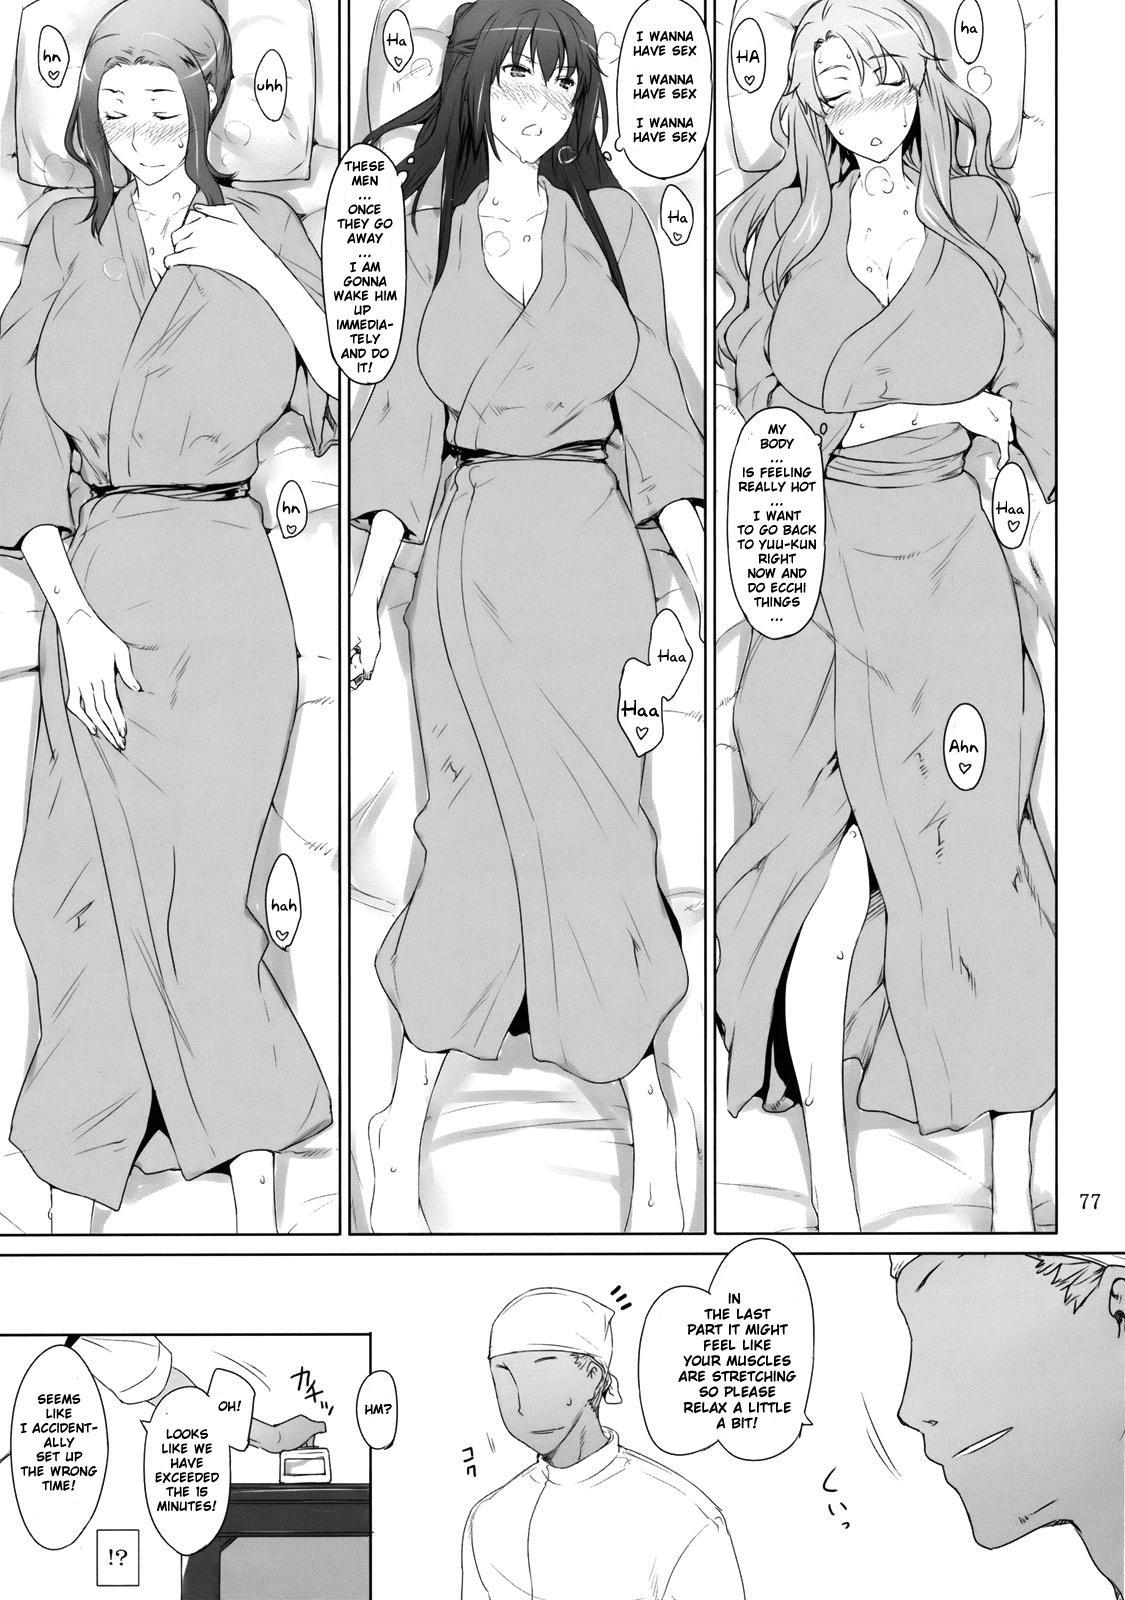 Mtsp - Tachibana-san's Circumstabces WIth a Man 2 25